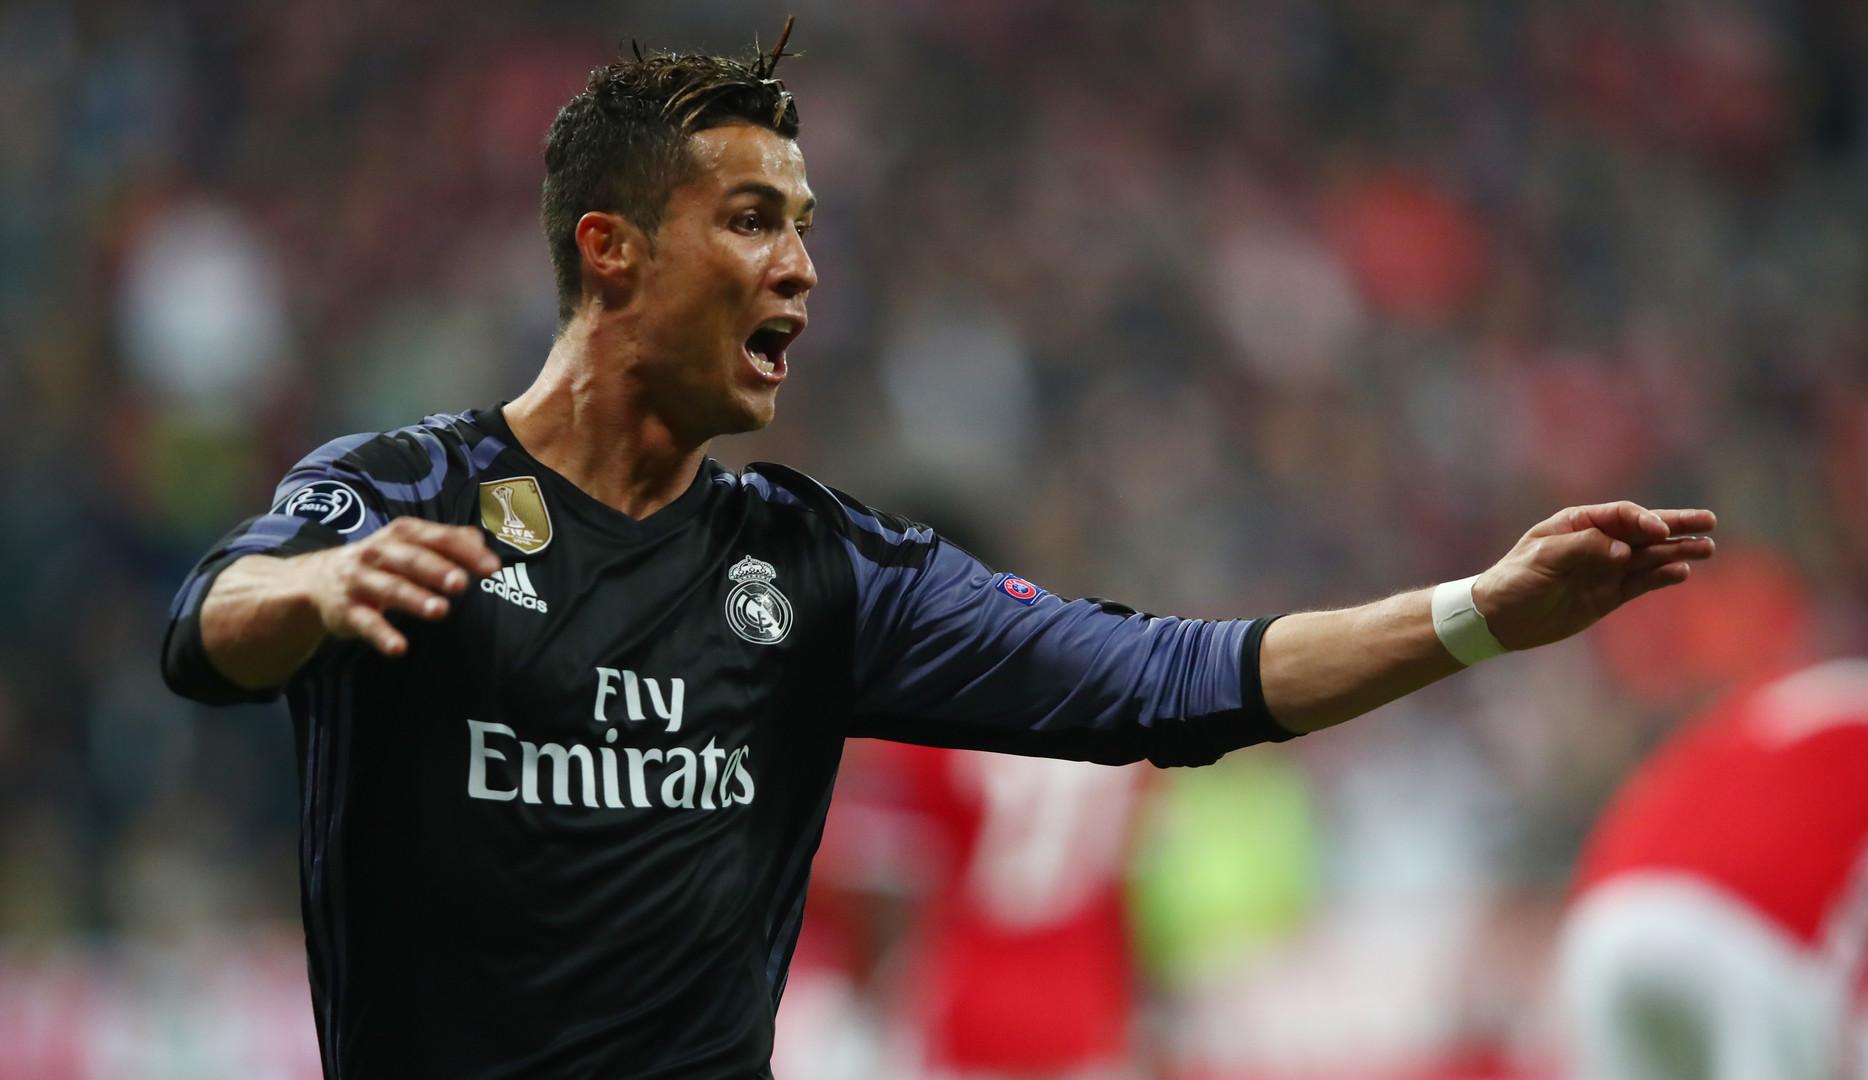 Сто рецептов забивать: «Реал» обыграл «Баварию» в 1/4 финала ЛЧ благодаря дублю Роналду